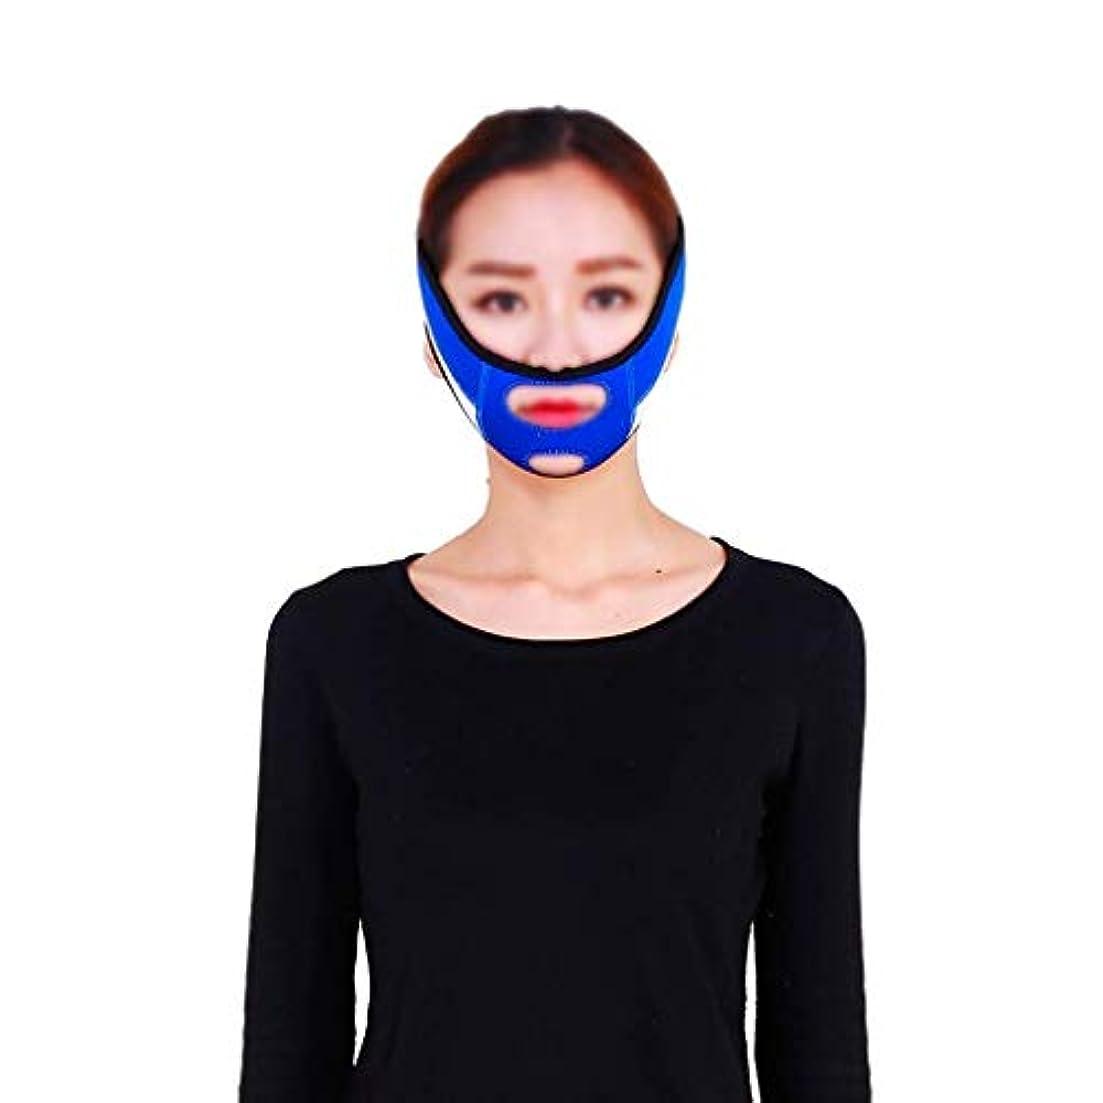 質量操る教室ファーミングフェイスマスク、スモールVフェイスアーティファクトリフティングマスク、口を調整して垂れ下がった肌を縮小滑り止め弾性ストレッチ包帯